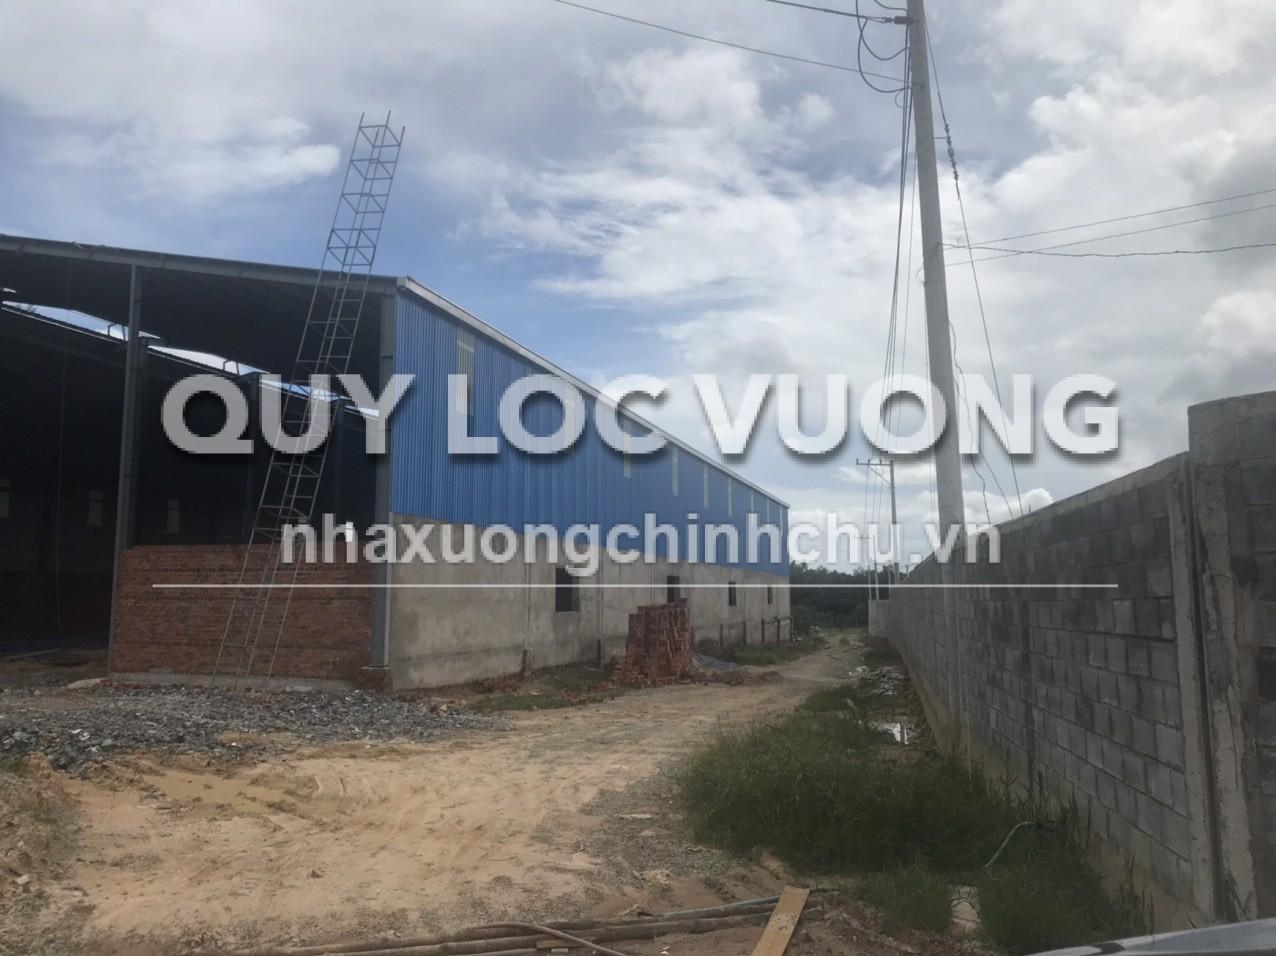 Bán hoặc cho thuê xưởng mới diện tích 2.700m2 xã Bình Mỹ Tân Uyên, Bình Dương